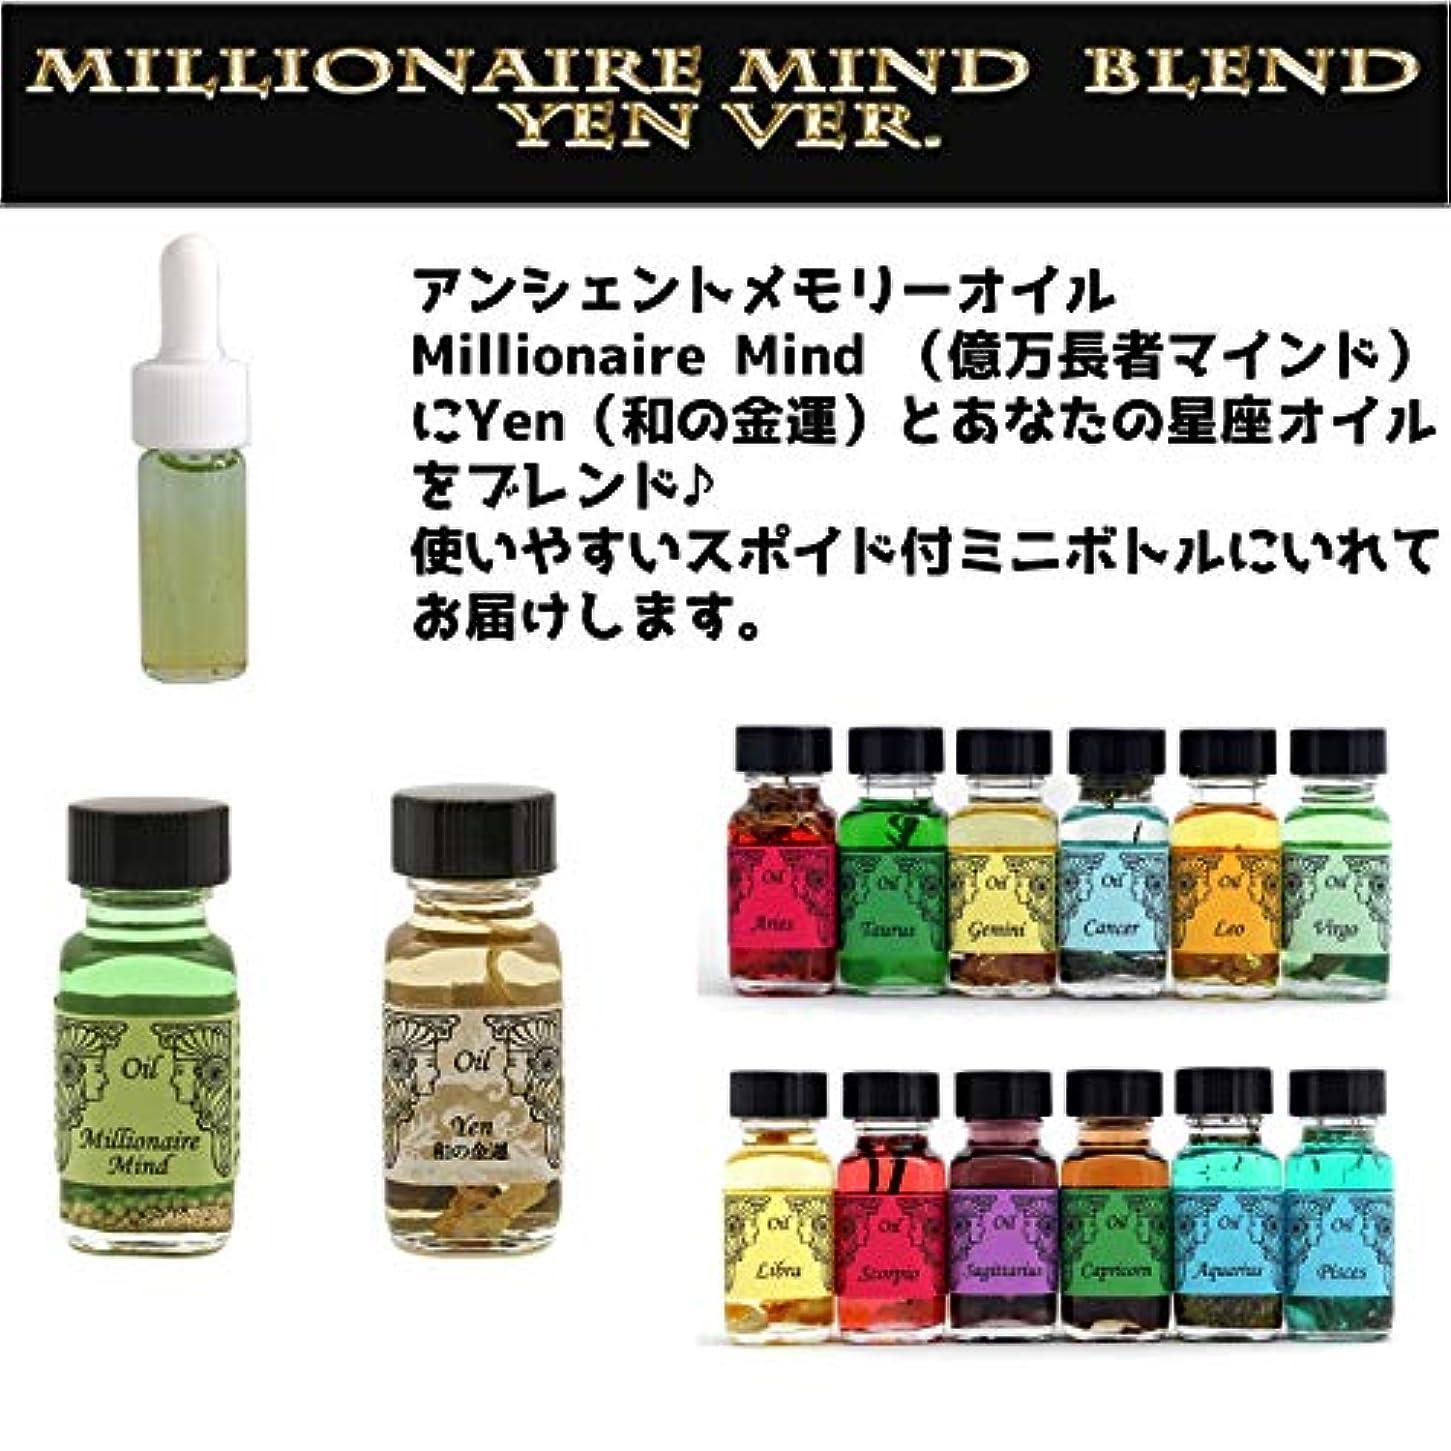 うるさいモデレータ原稿アンシェントメモリーオイル Millionaire Mind 億万長者マインド ブレンド【Yen 和の金運&うお座】